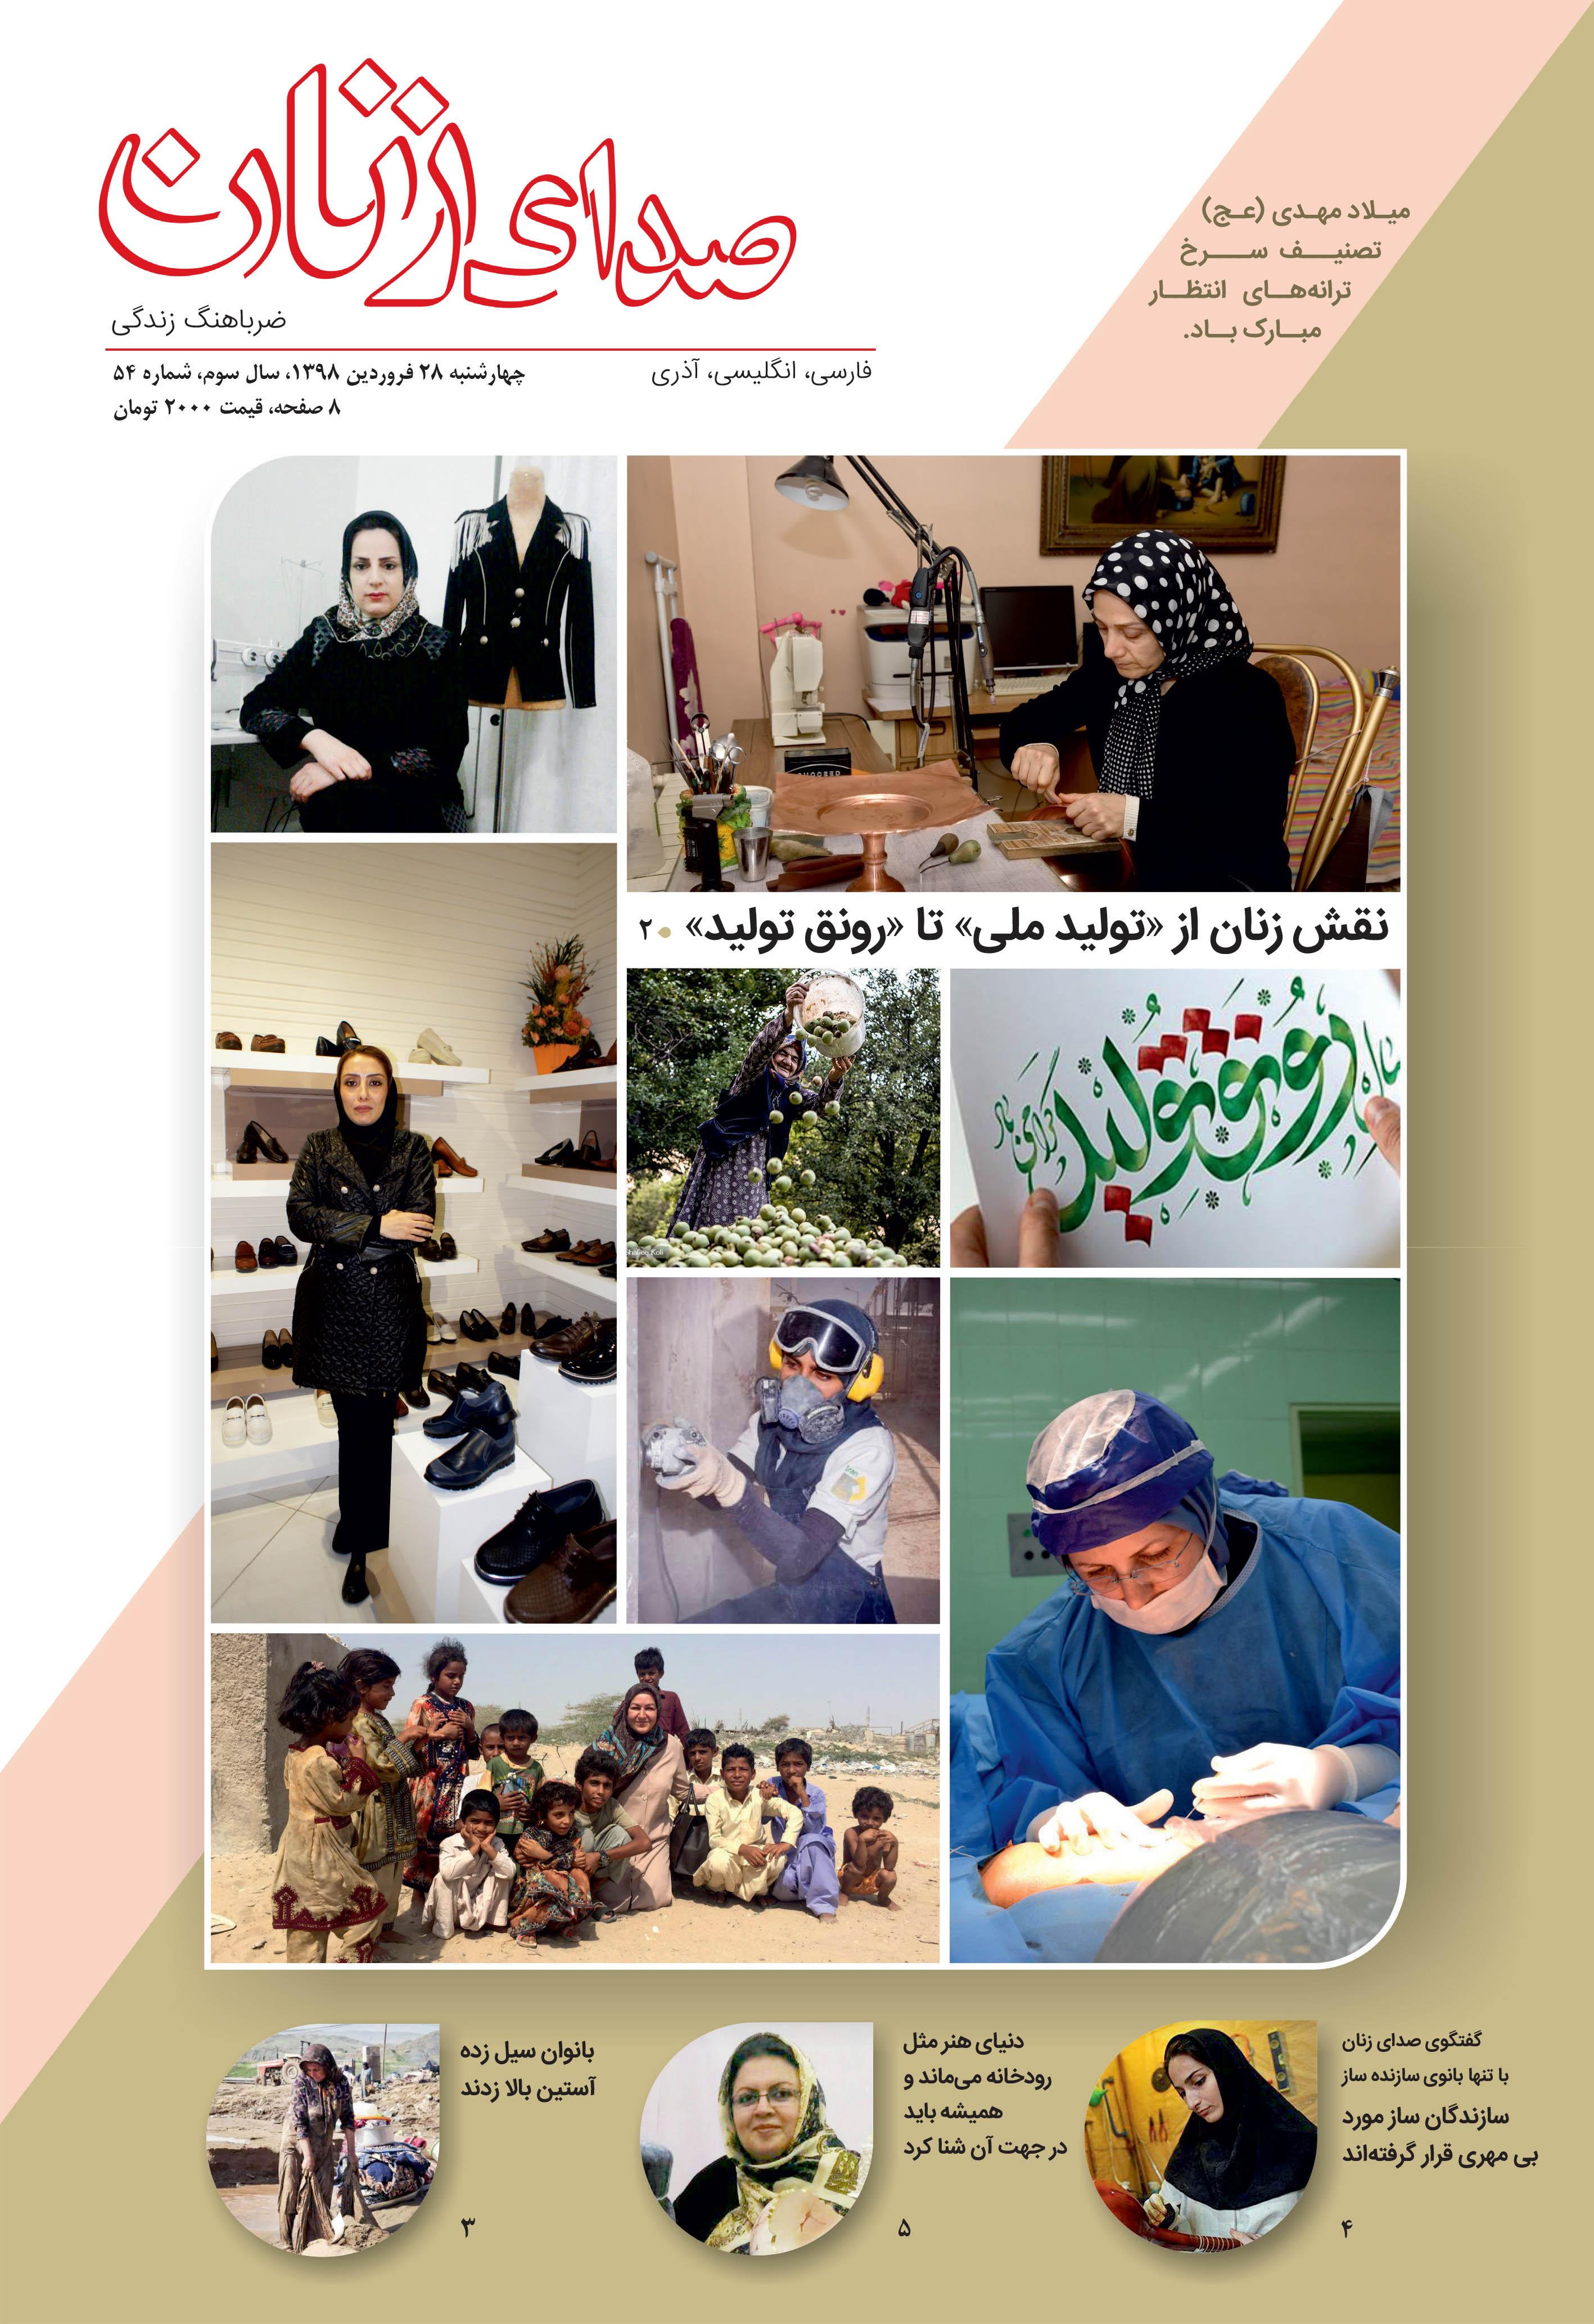 شماره 54 نشریه صدای زنان منتشر شد